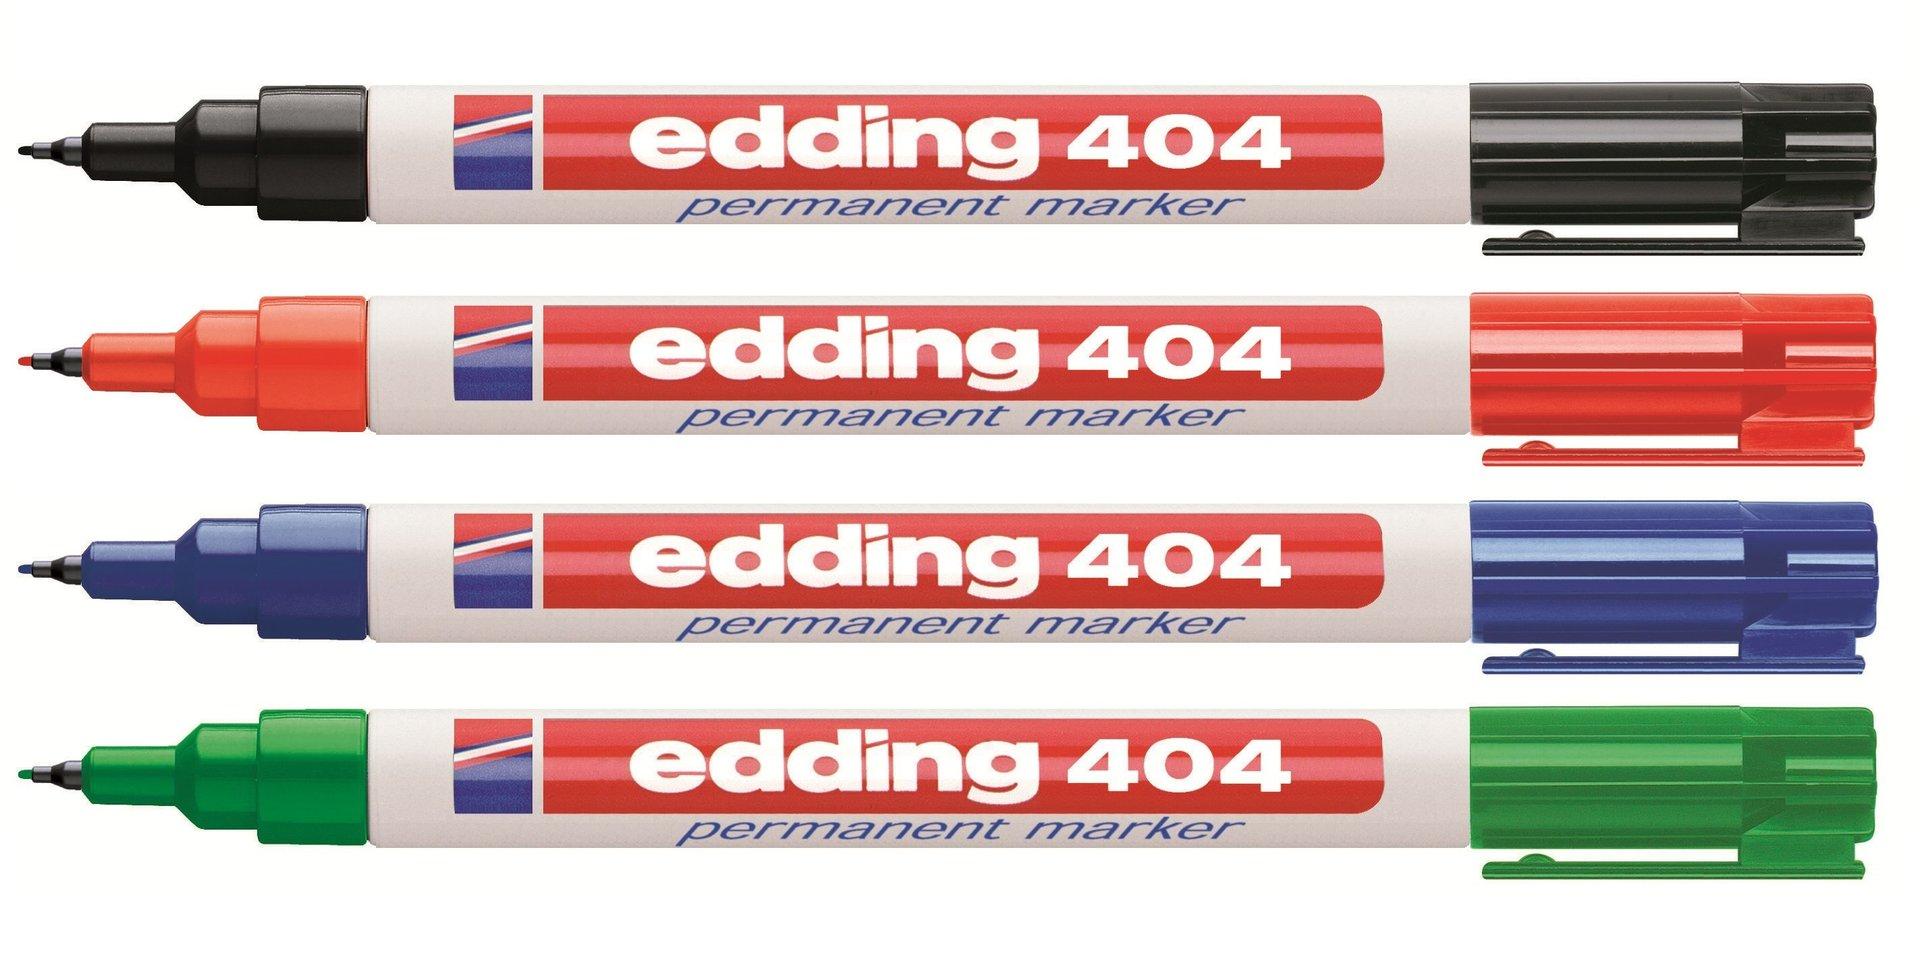 10 edding 404 Permanentmarker